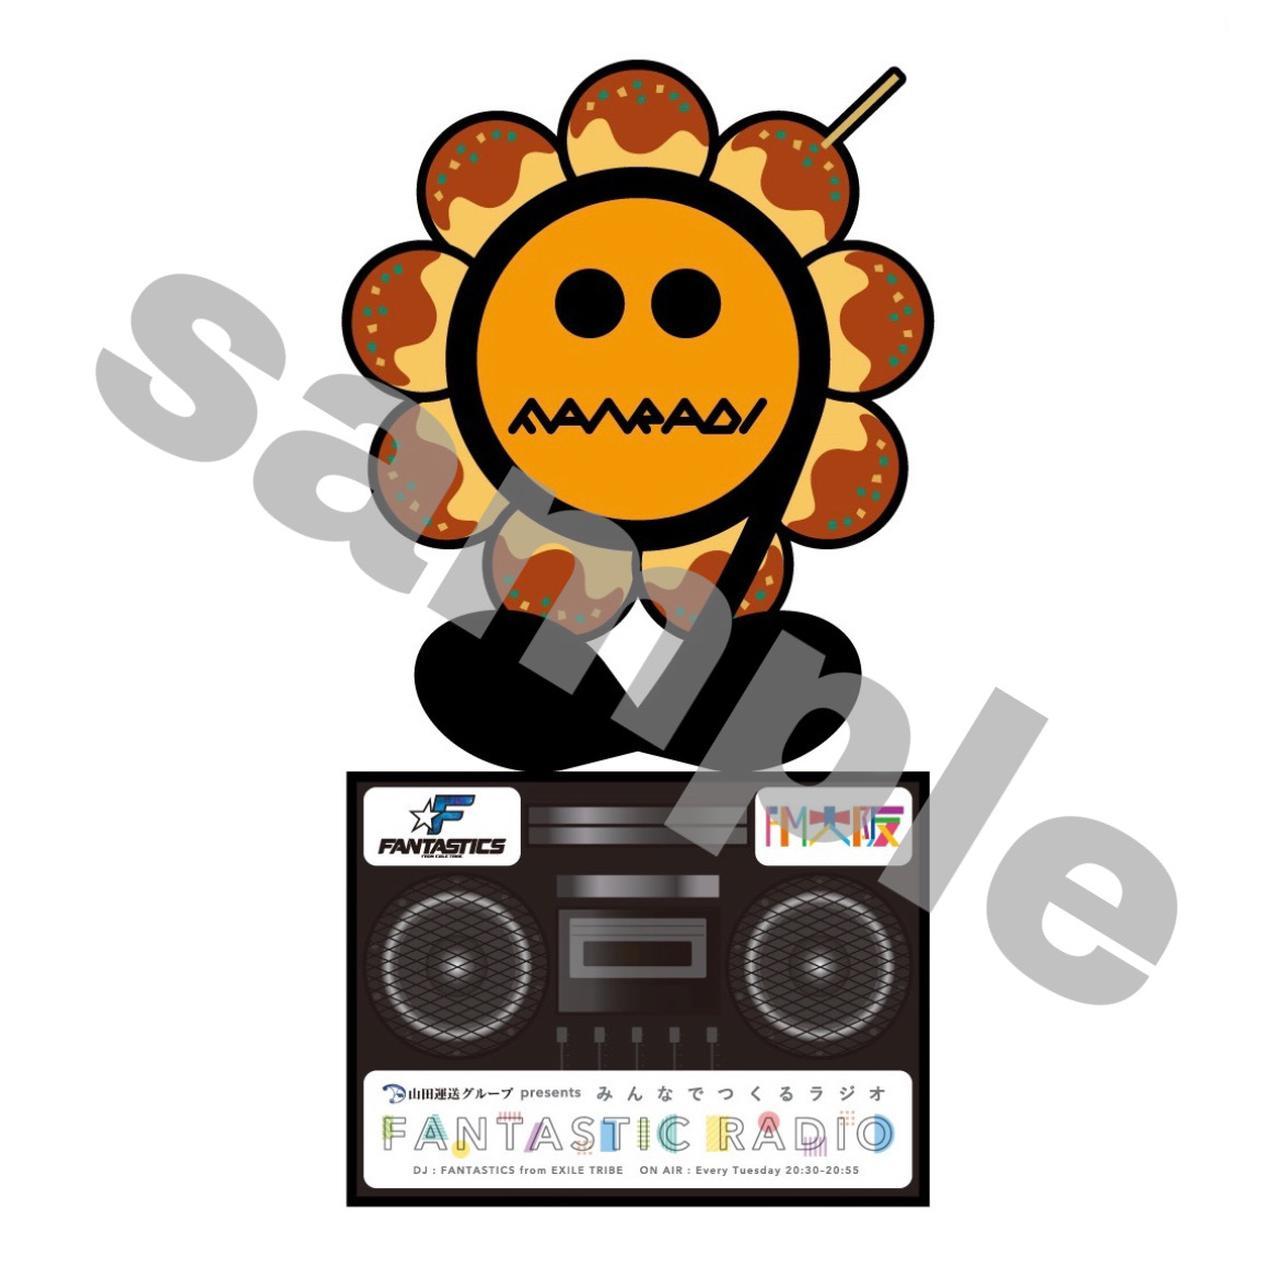 画像: 山田運送グループ presents みんなでつくるラジオ「FANTASTIC RADIO」